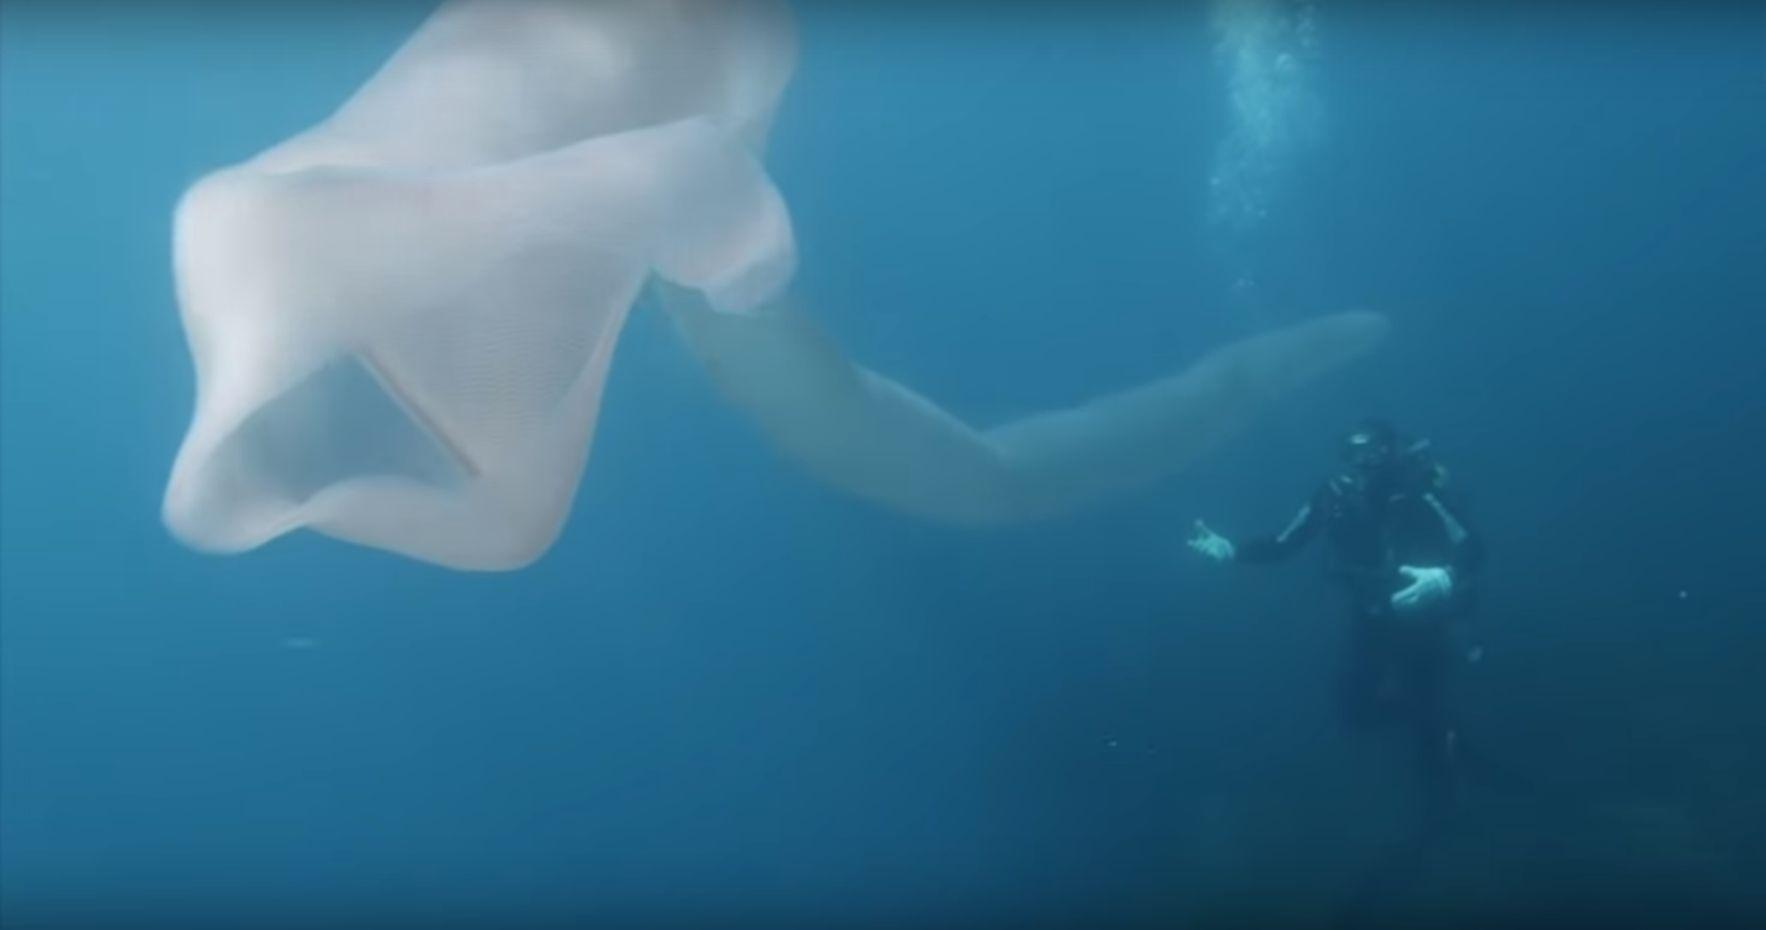 뉴질랜드 바다에서 발견된 길고 하얀 바다생물의 정체